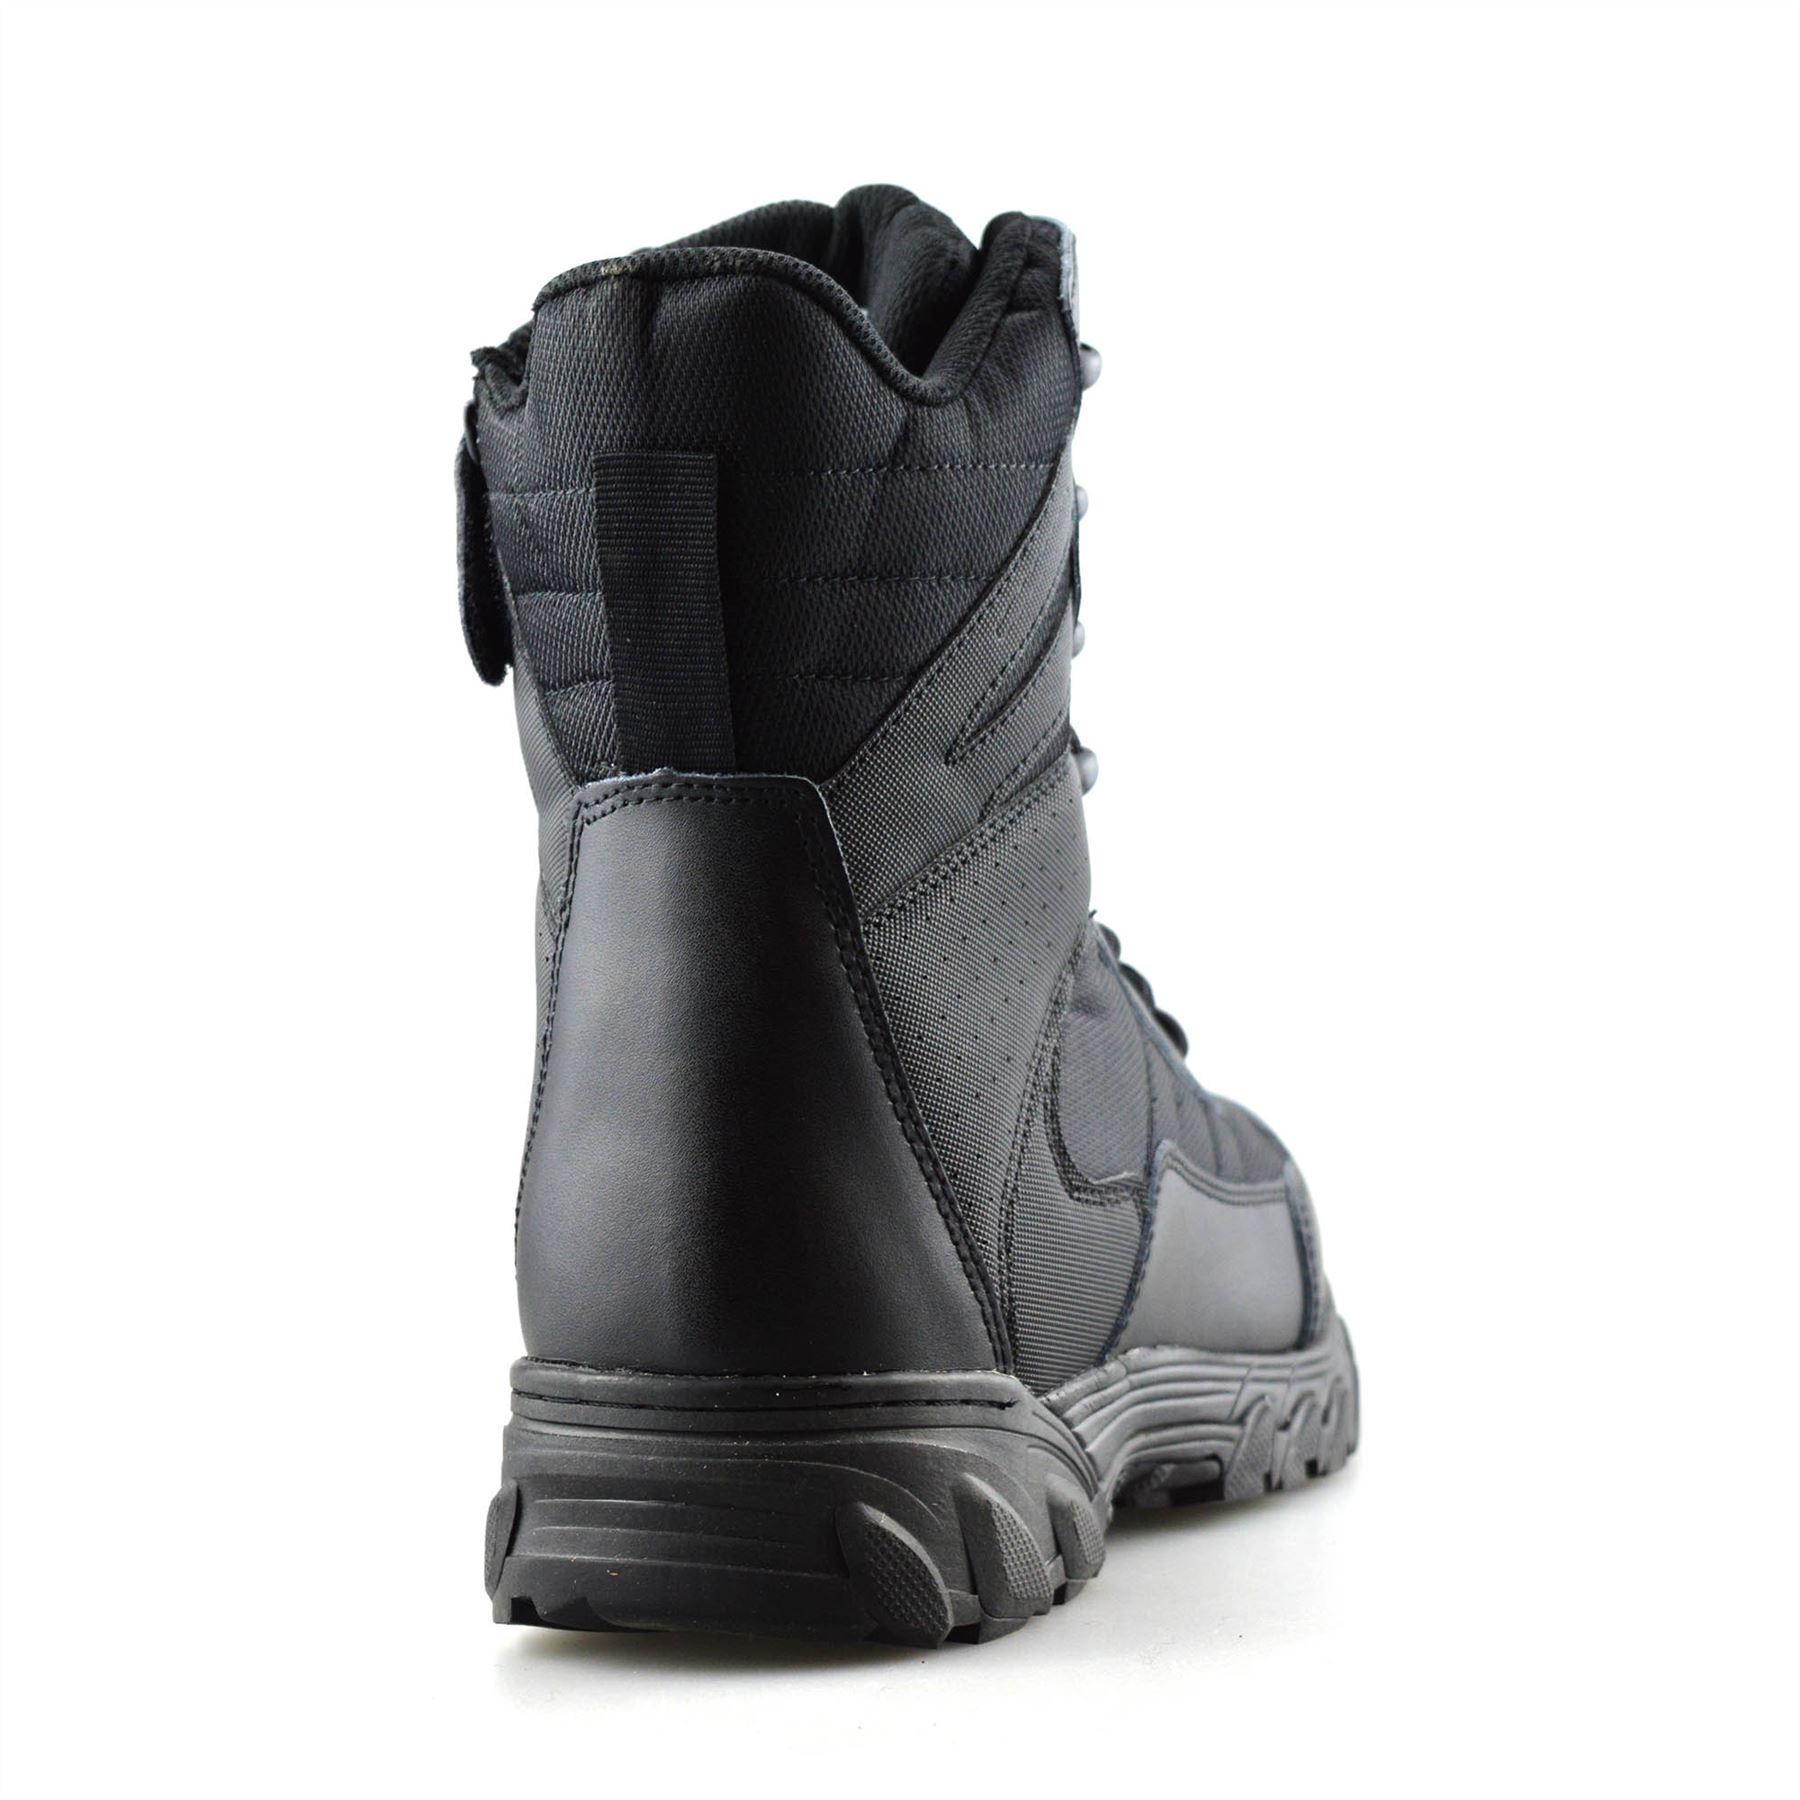 Homme-en-cuir-neuve-Militaire-Armee-Combat-Marche-Travail-Fermeture-Eclair-Cheville-Bottes miniature 11